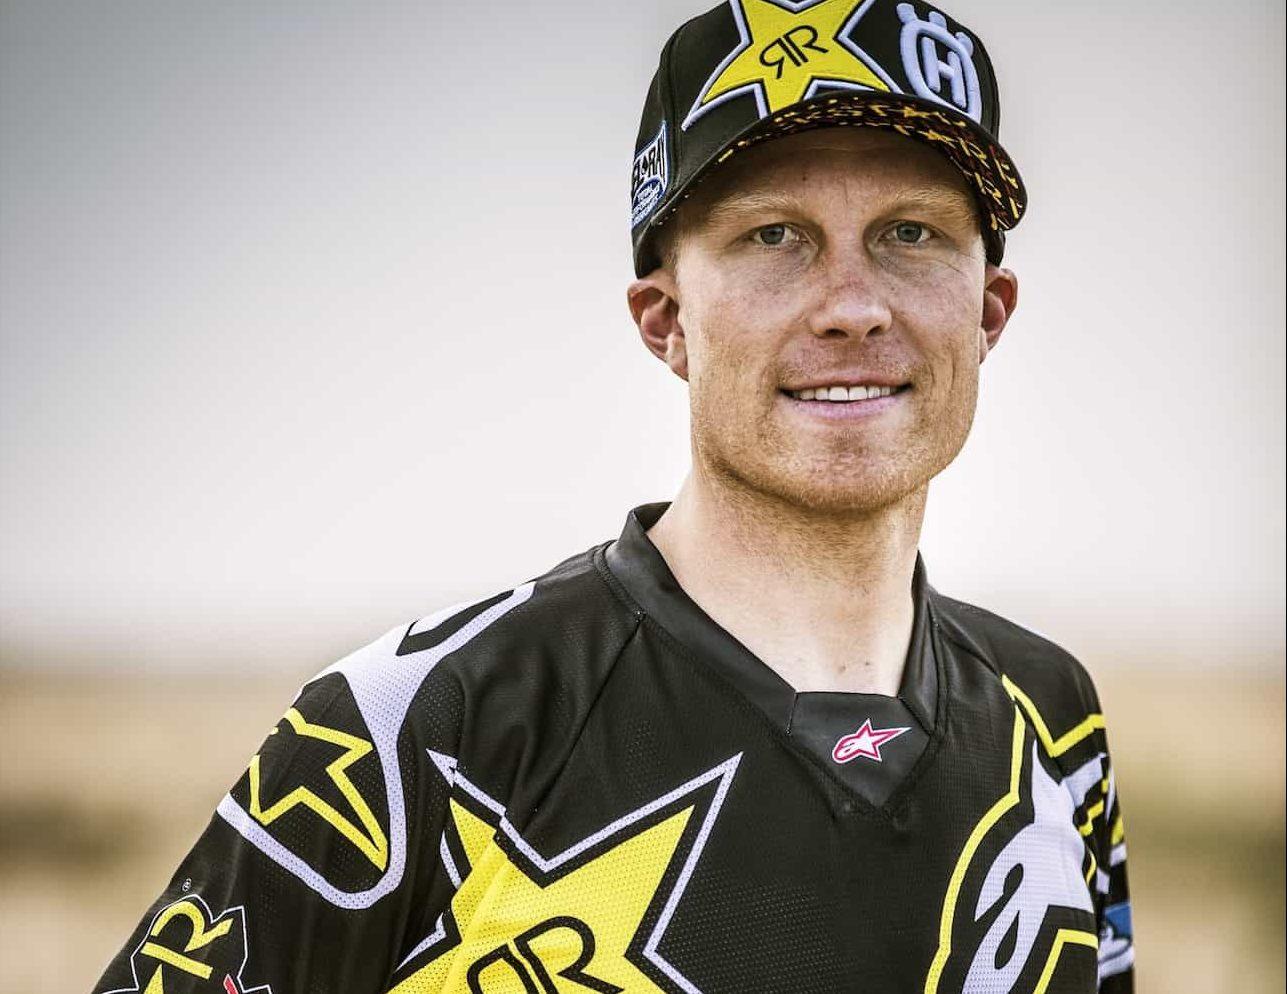 New Team Husky Rider – Andrew Short USA